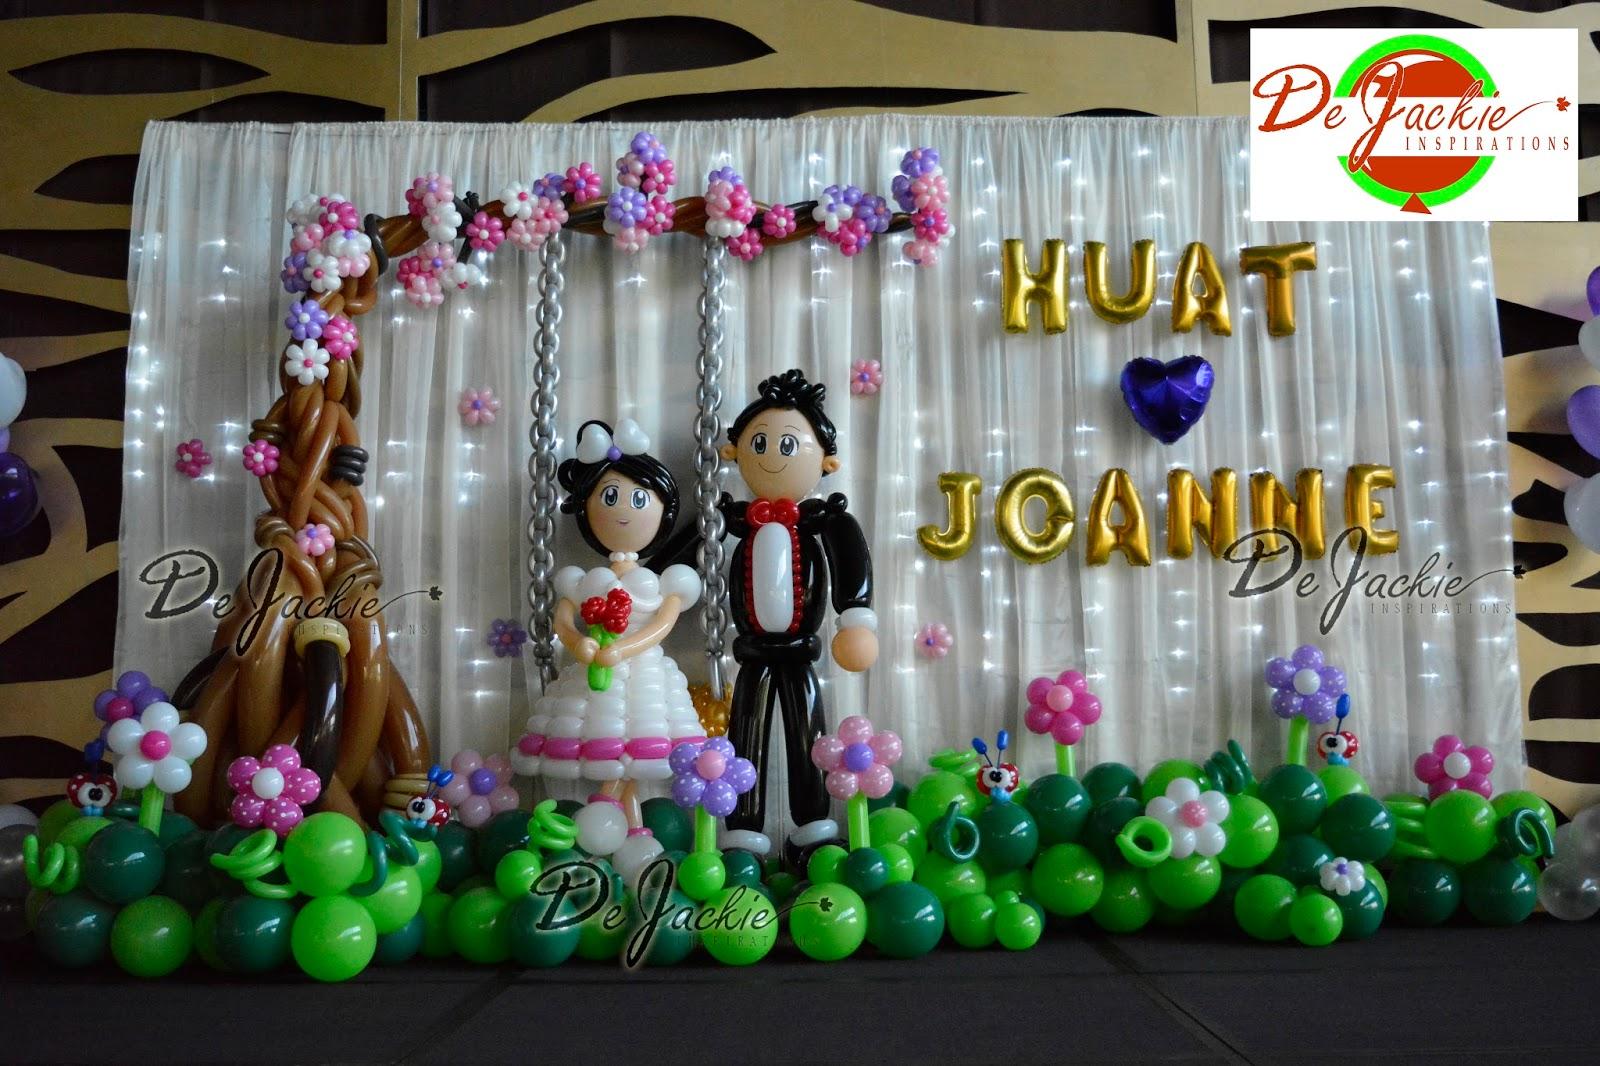 Balloon decorations for weddings birthday parties balloon romantic wedding decoration kts garden kuching junglespirit Gallery